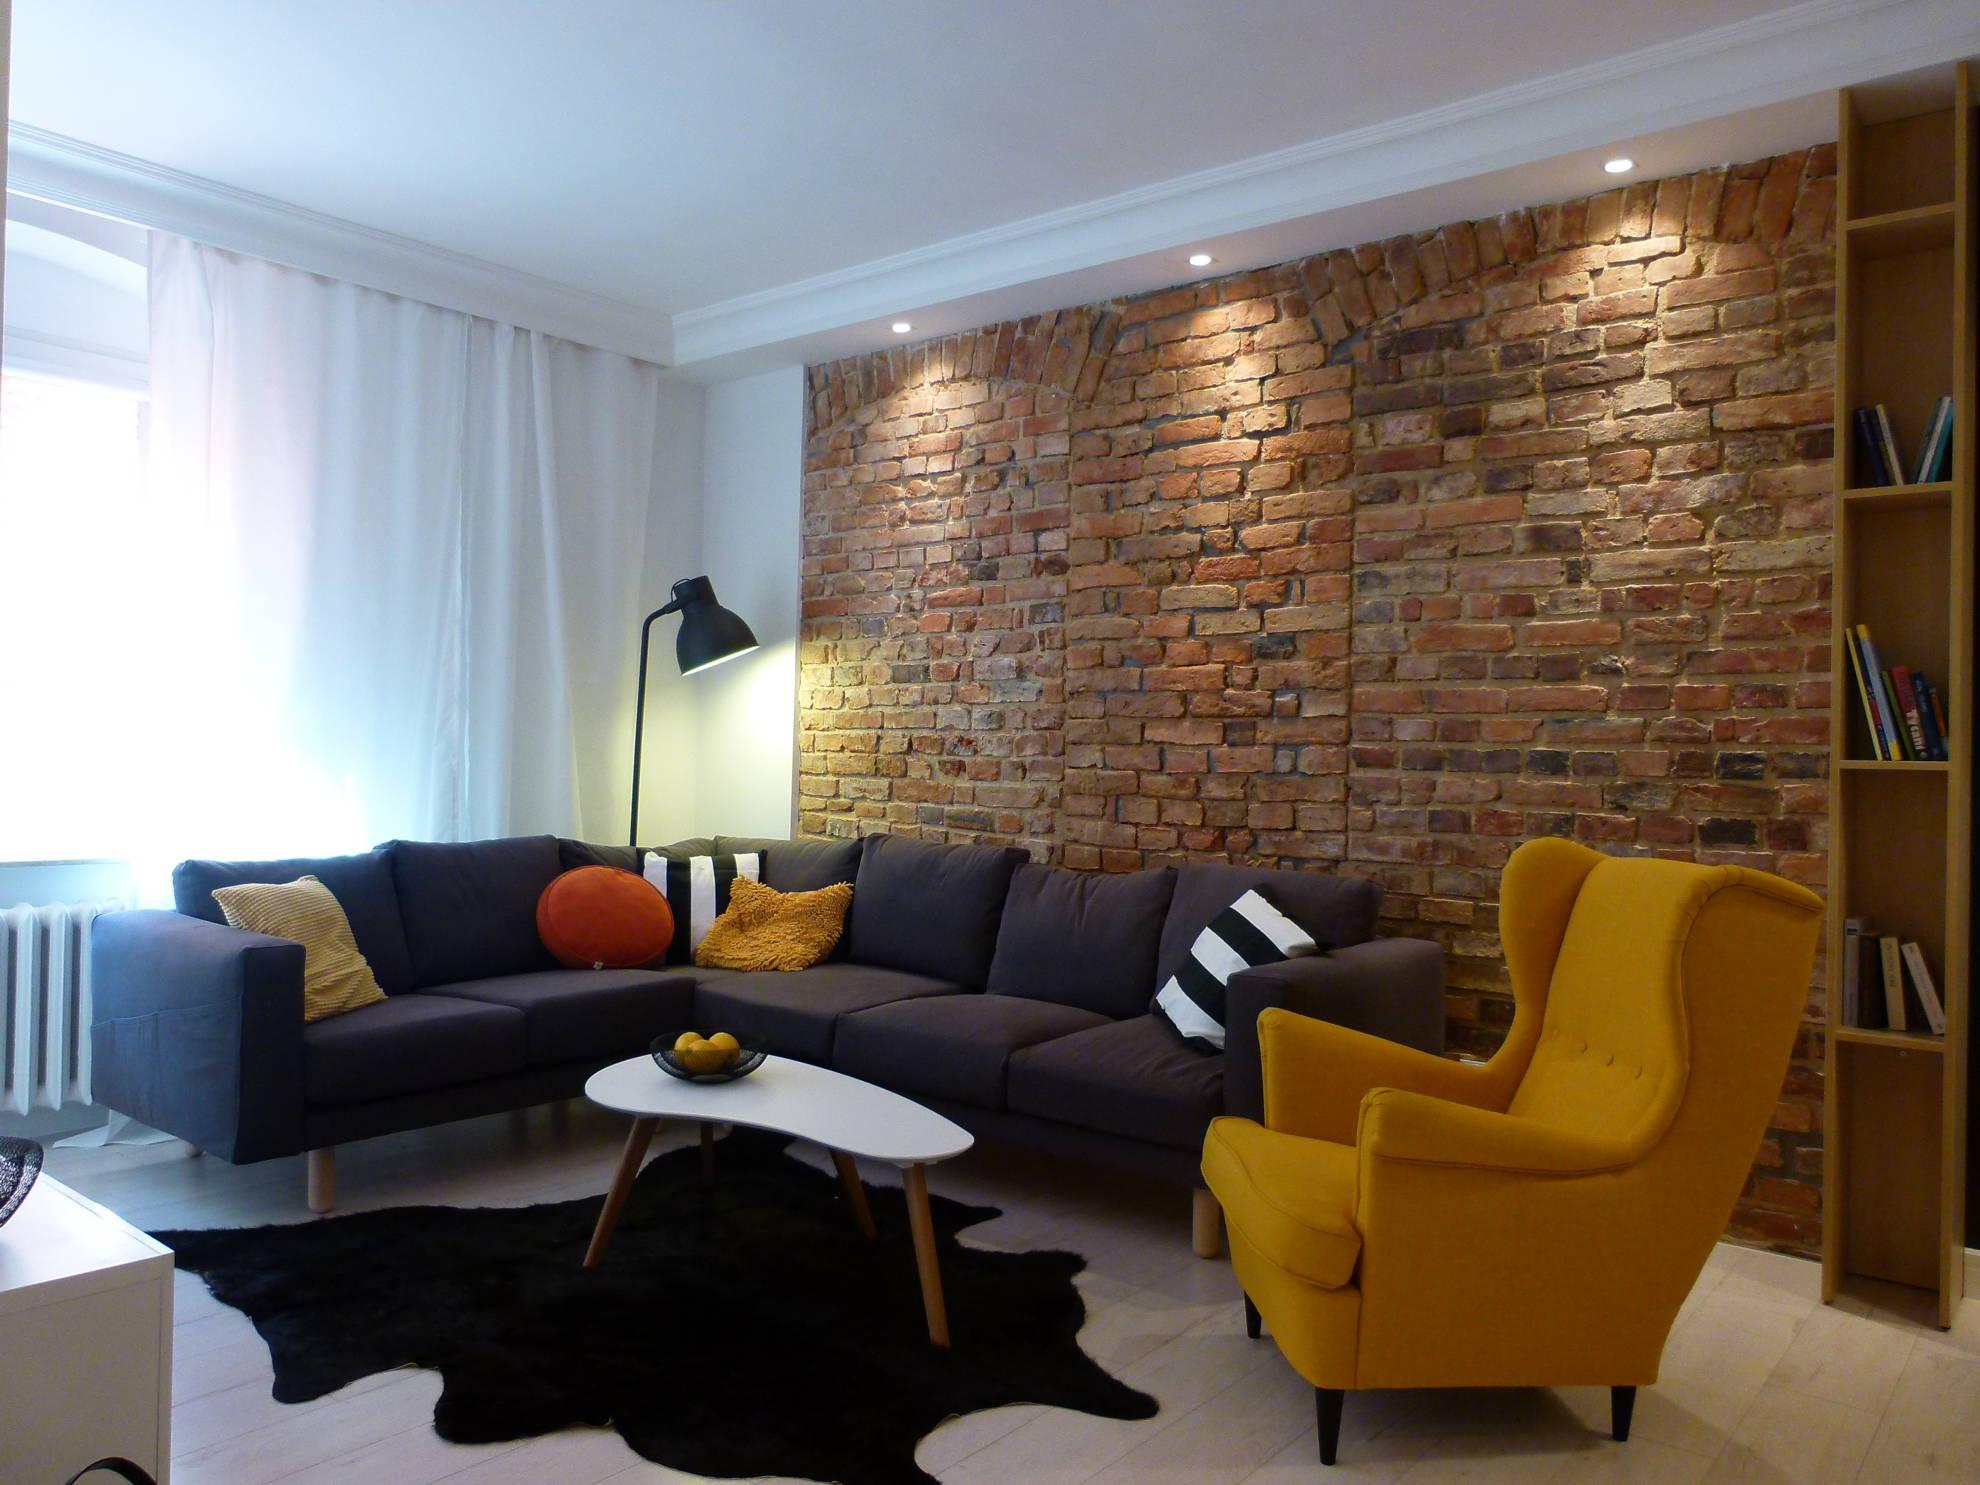 Aranżacja salonu w mieszkaniu - projekt architekt wnętrz Emilia Strzempek Plasun.